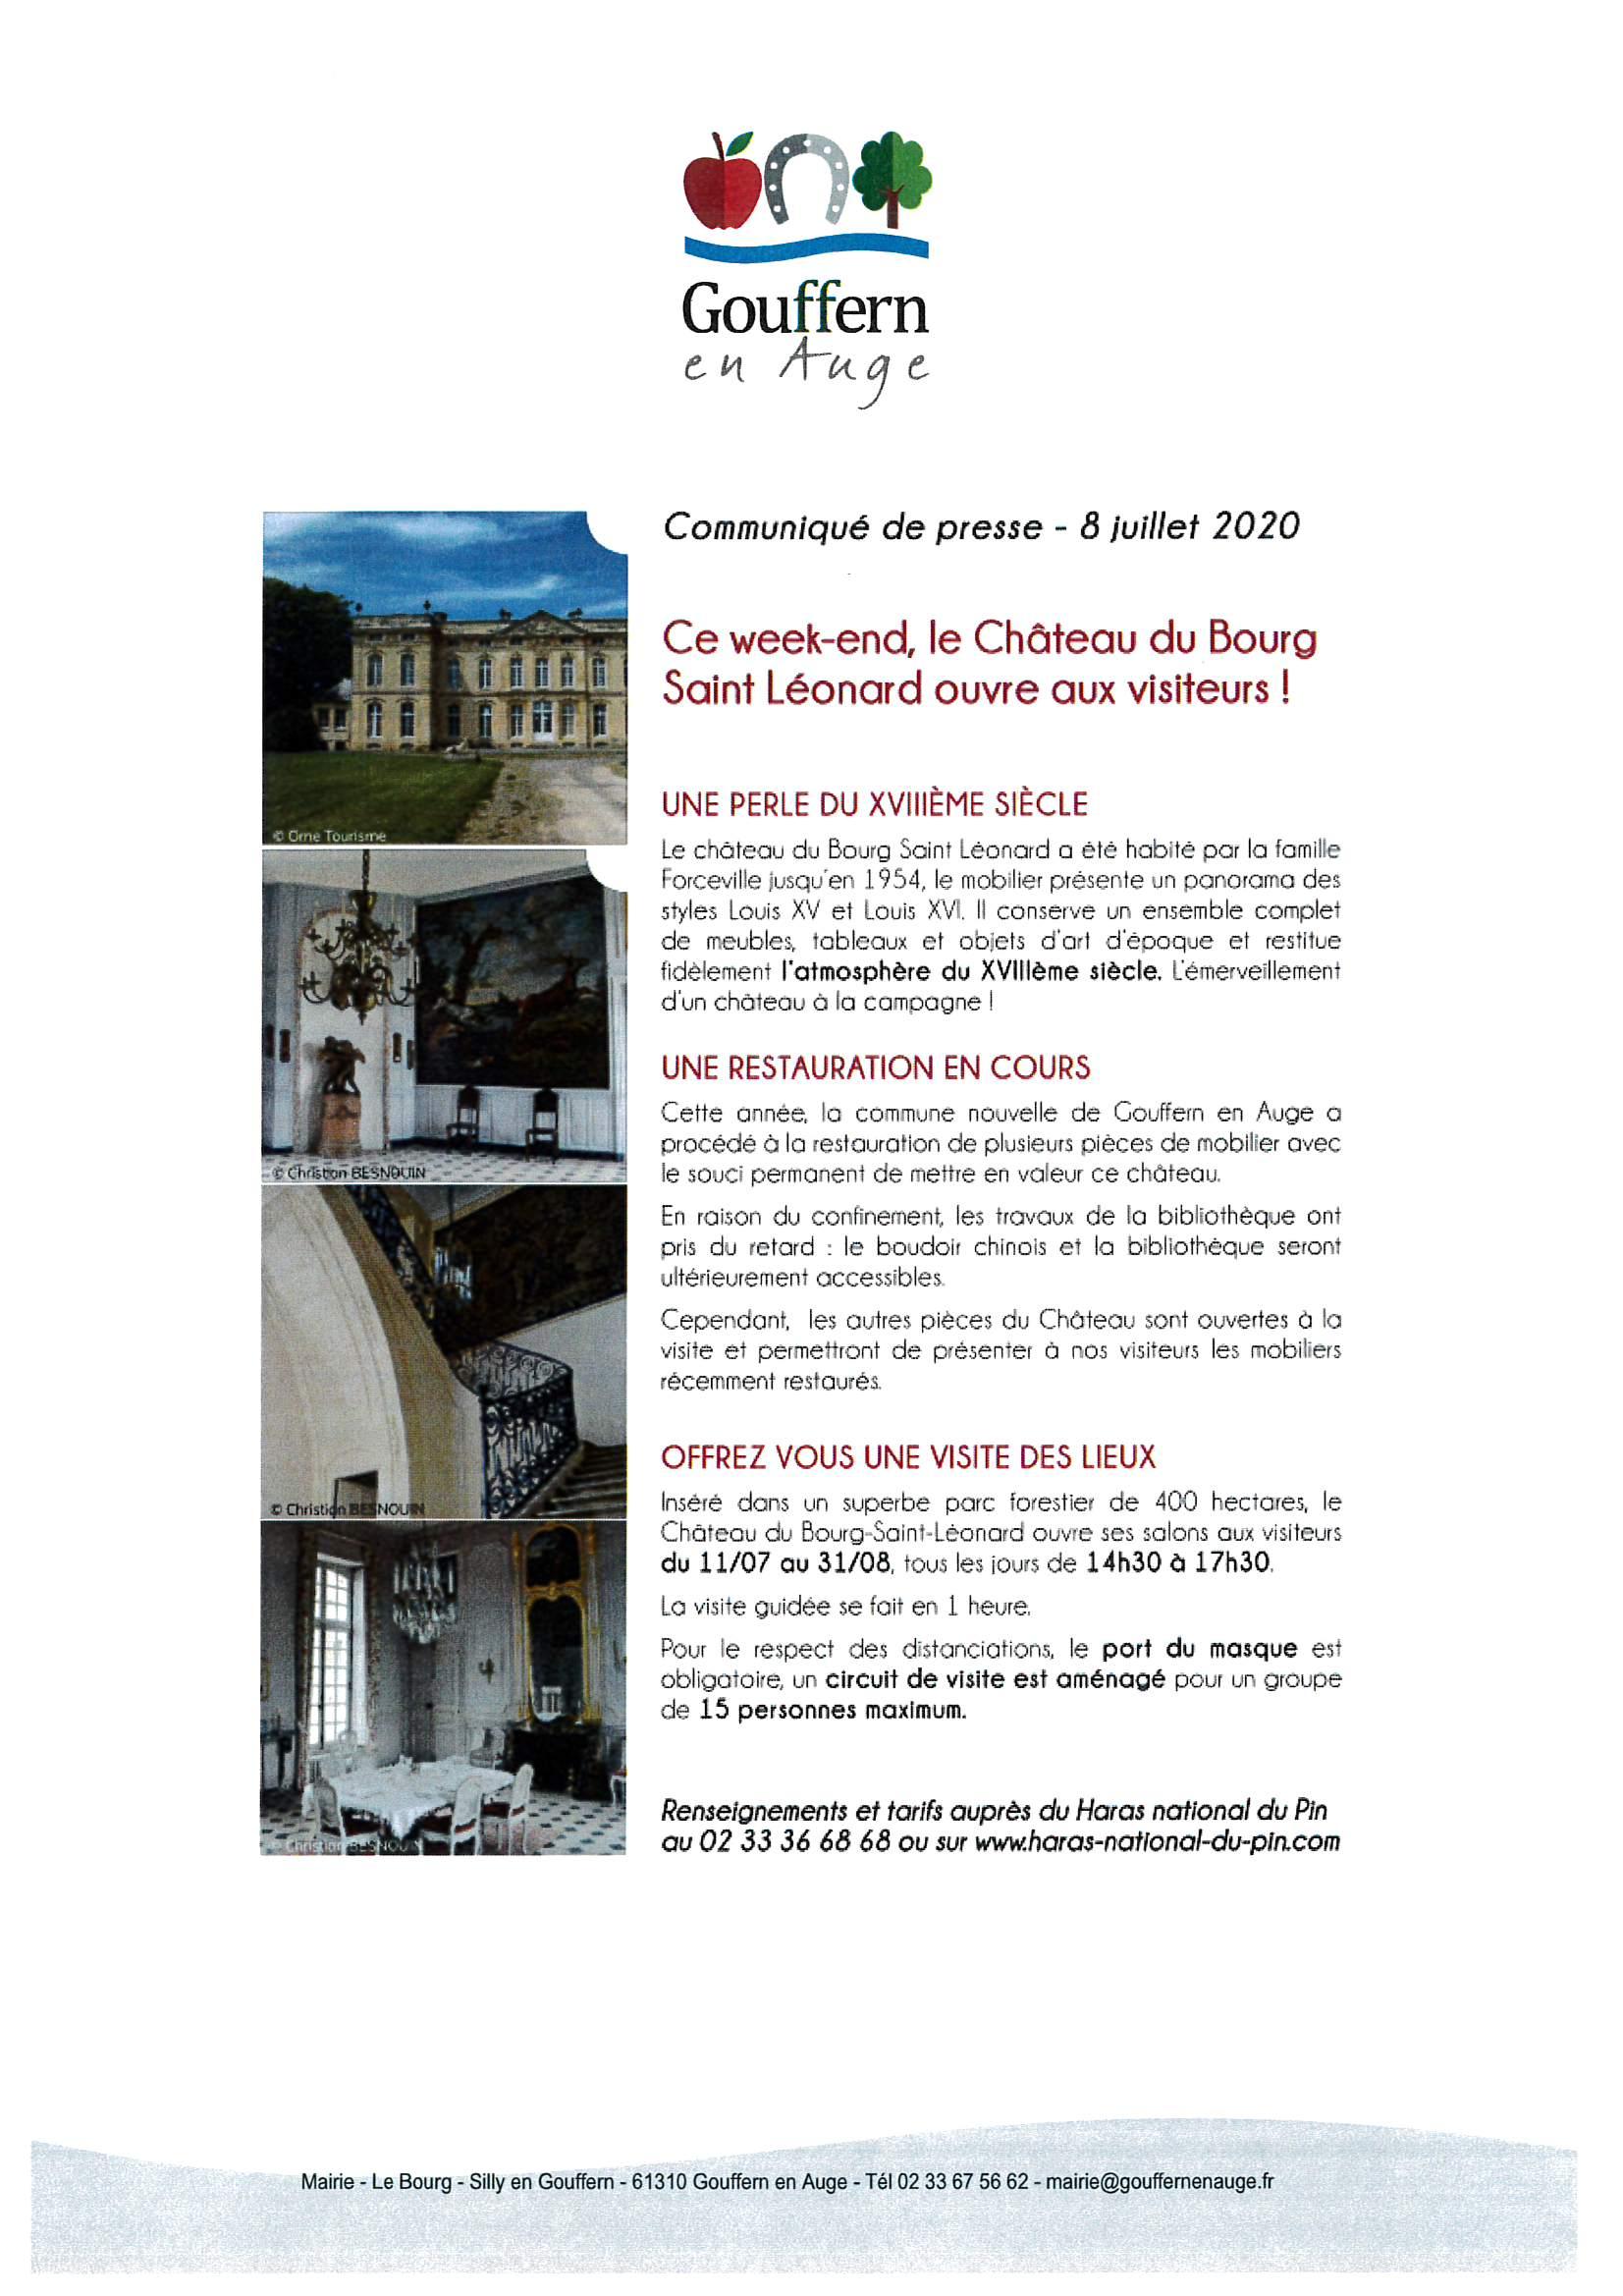 Communiqué de presse – 8 juillet 2020 – Château du Bourg St Léonard